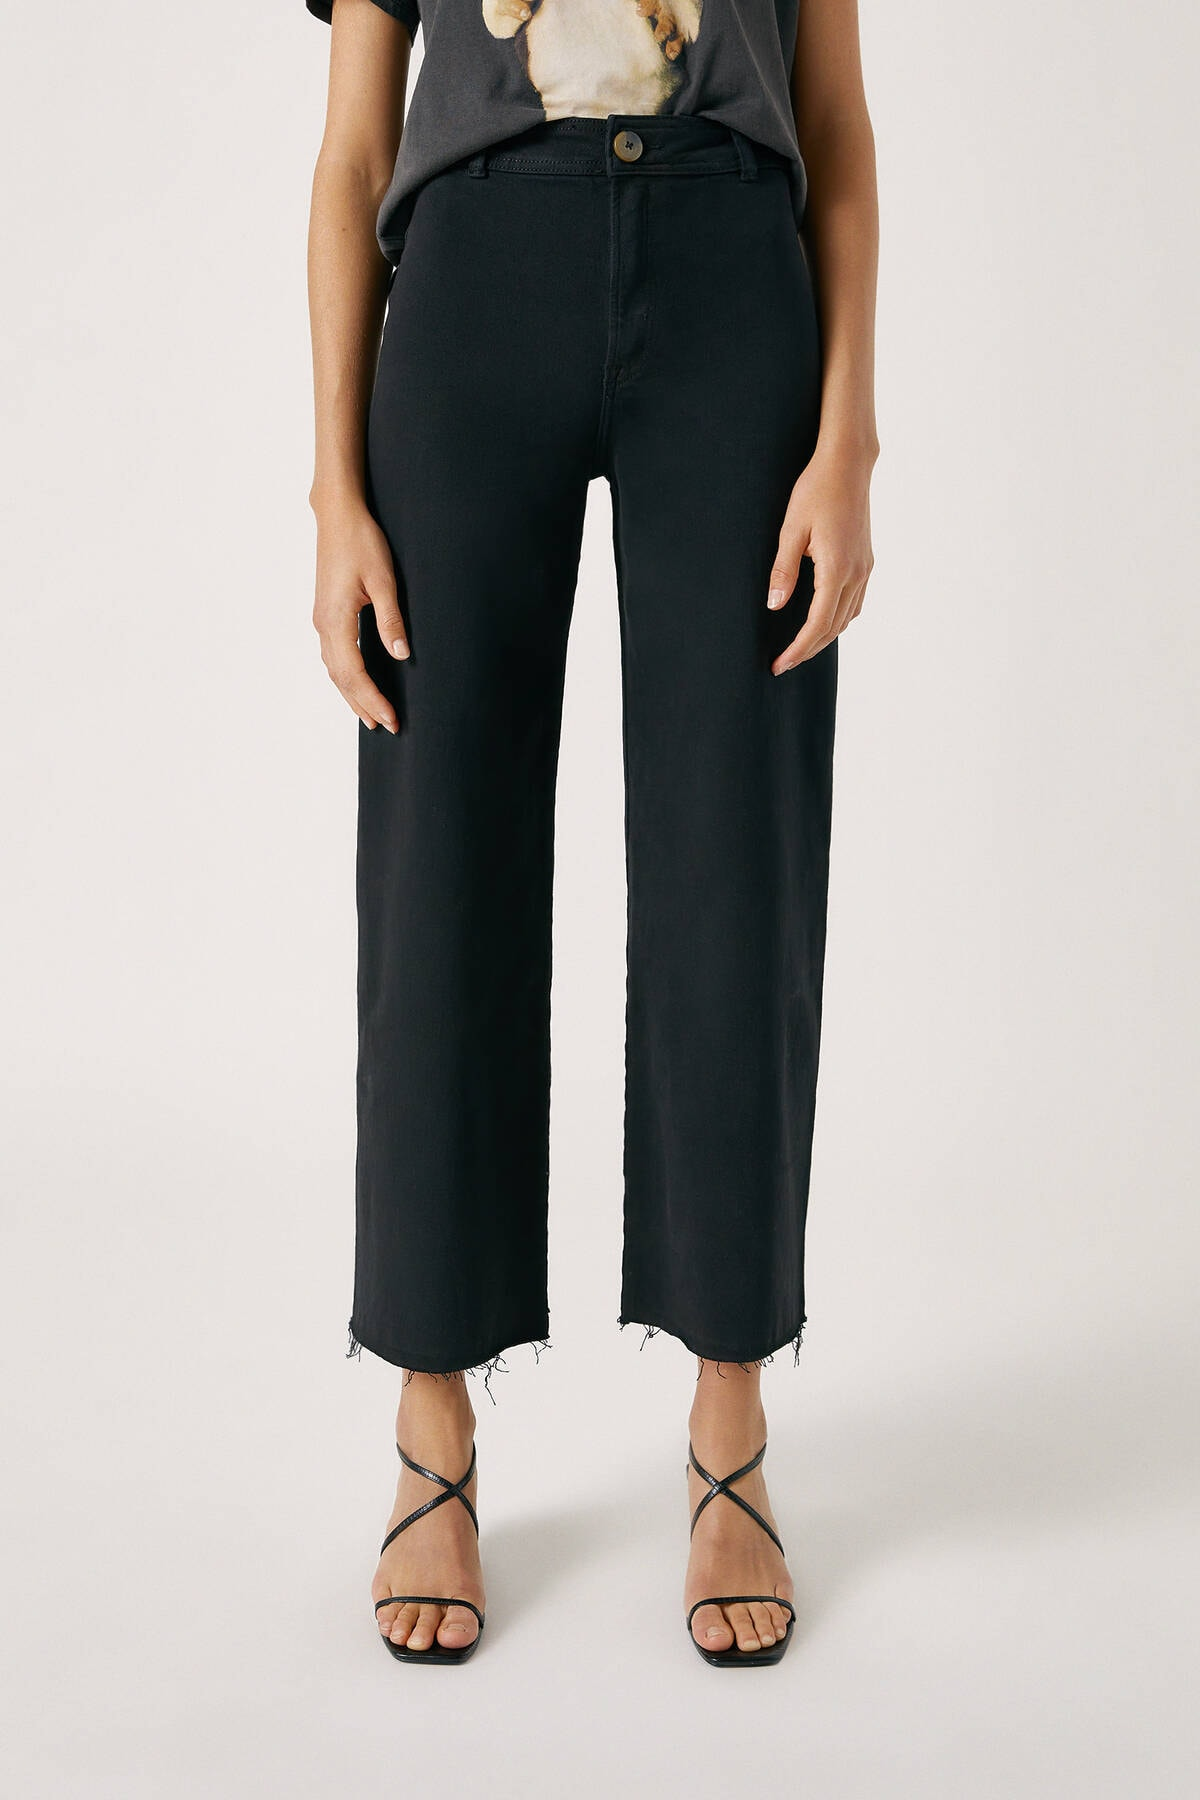 Pull & Bear Kadın Siyah Yanları Dikişsiz Crop Fit Pantolon 09678302 2